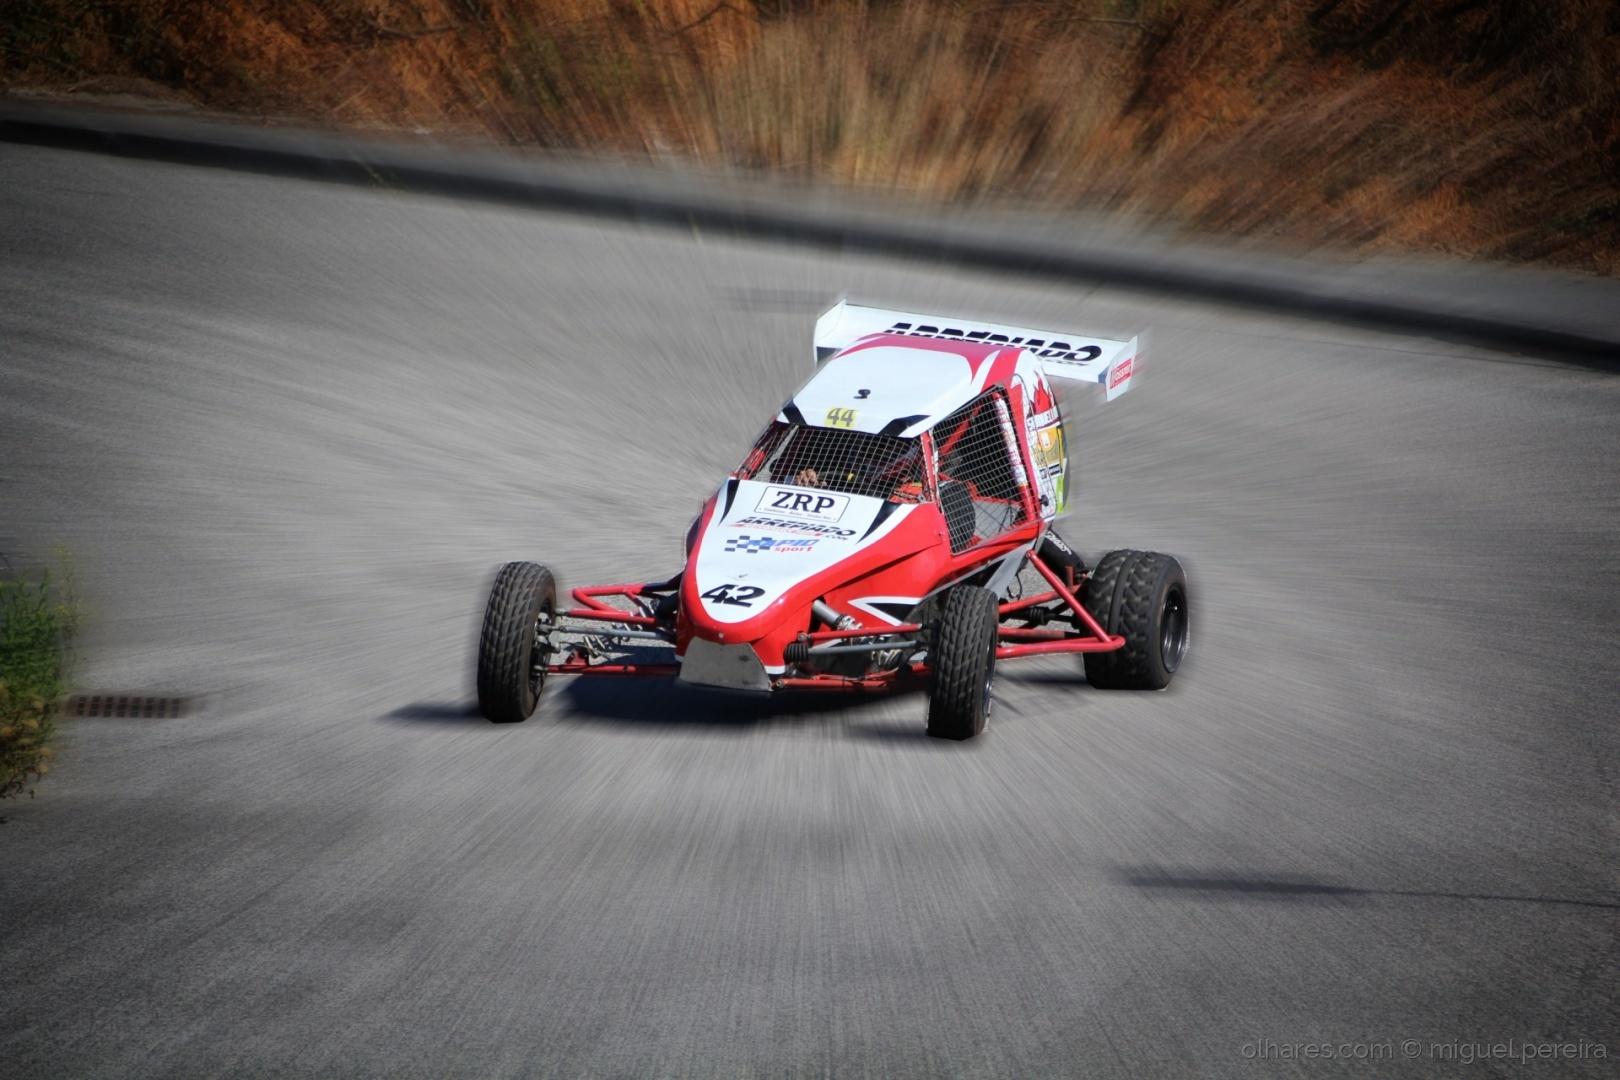 Desporto e Ação/Kartcross